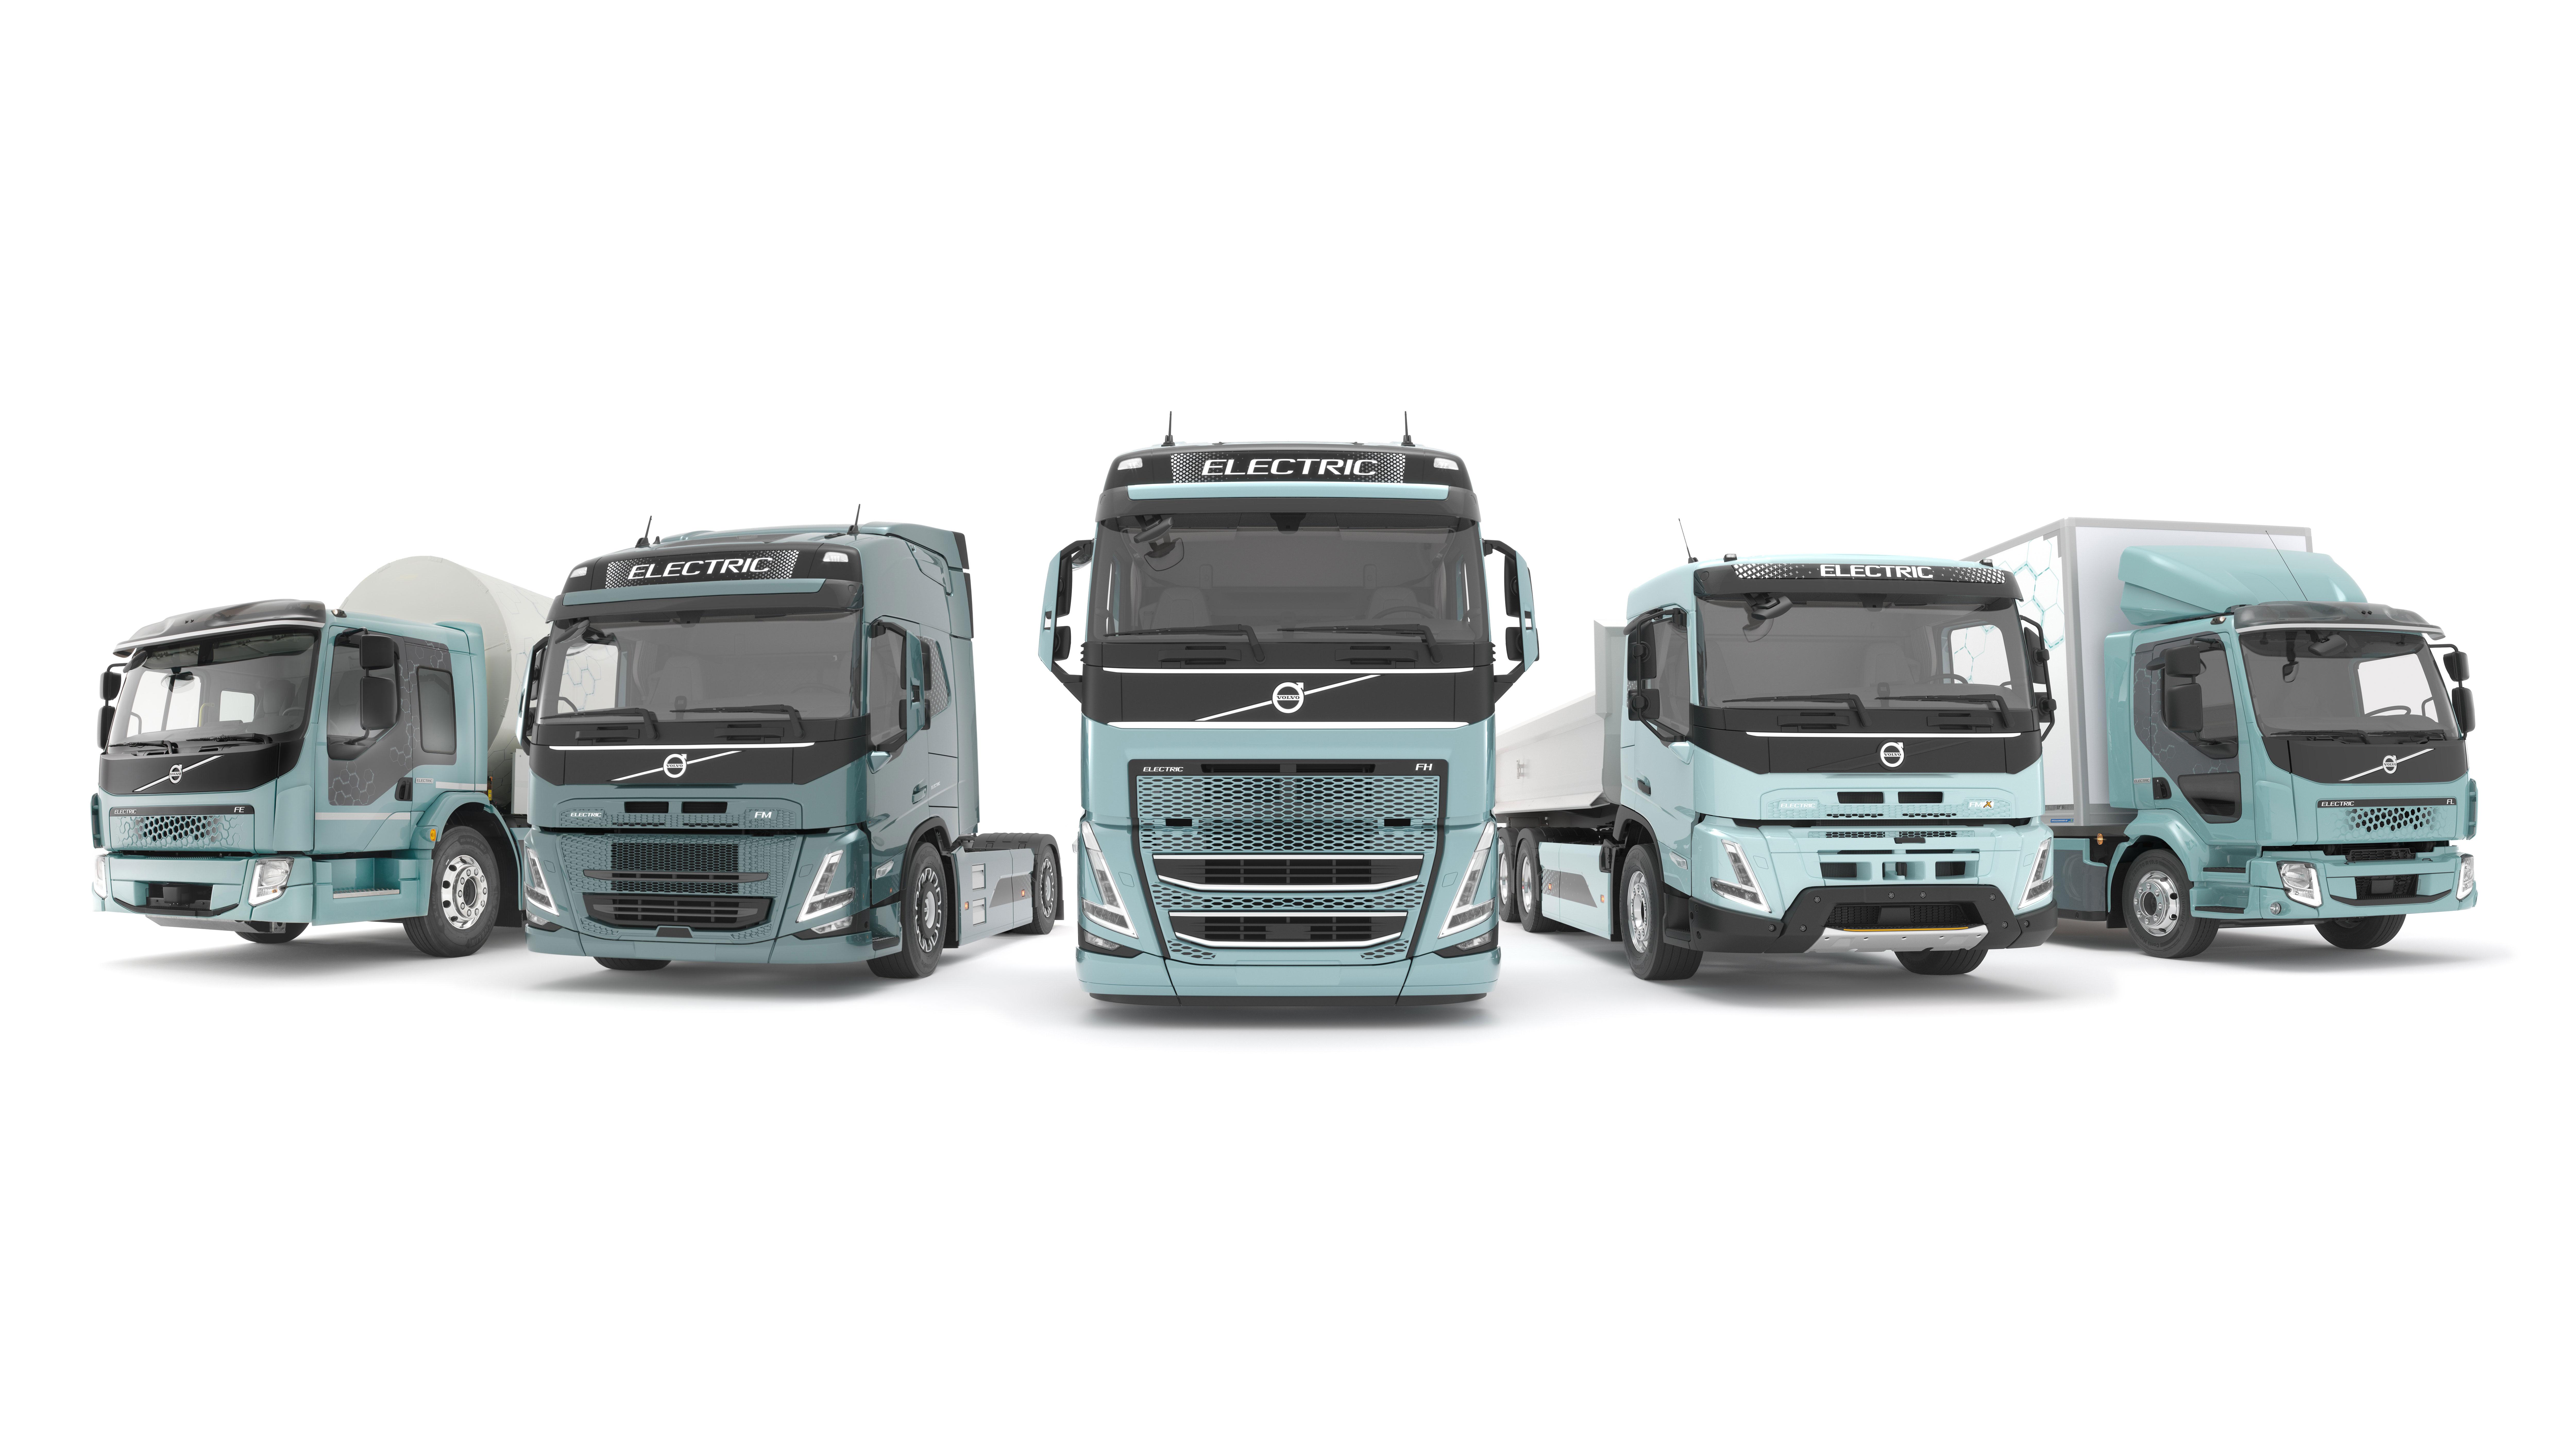 Lanserer et komplett utvalg av elektriske lastebiler i Europa fra 2021